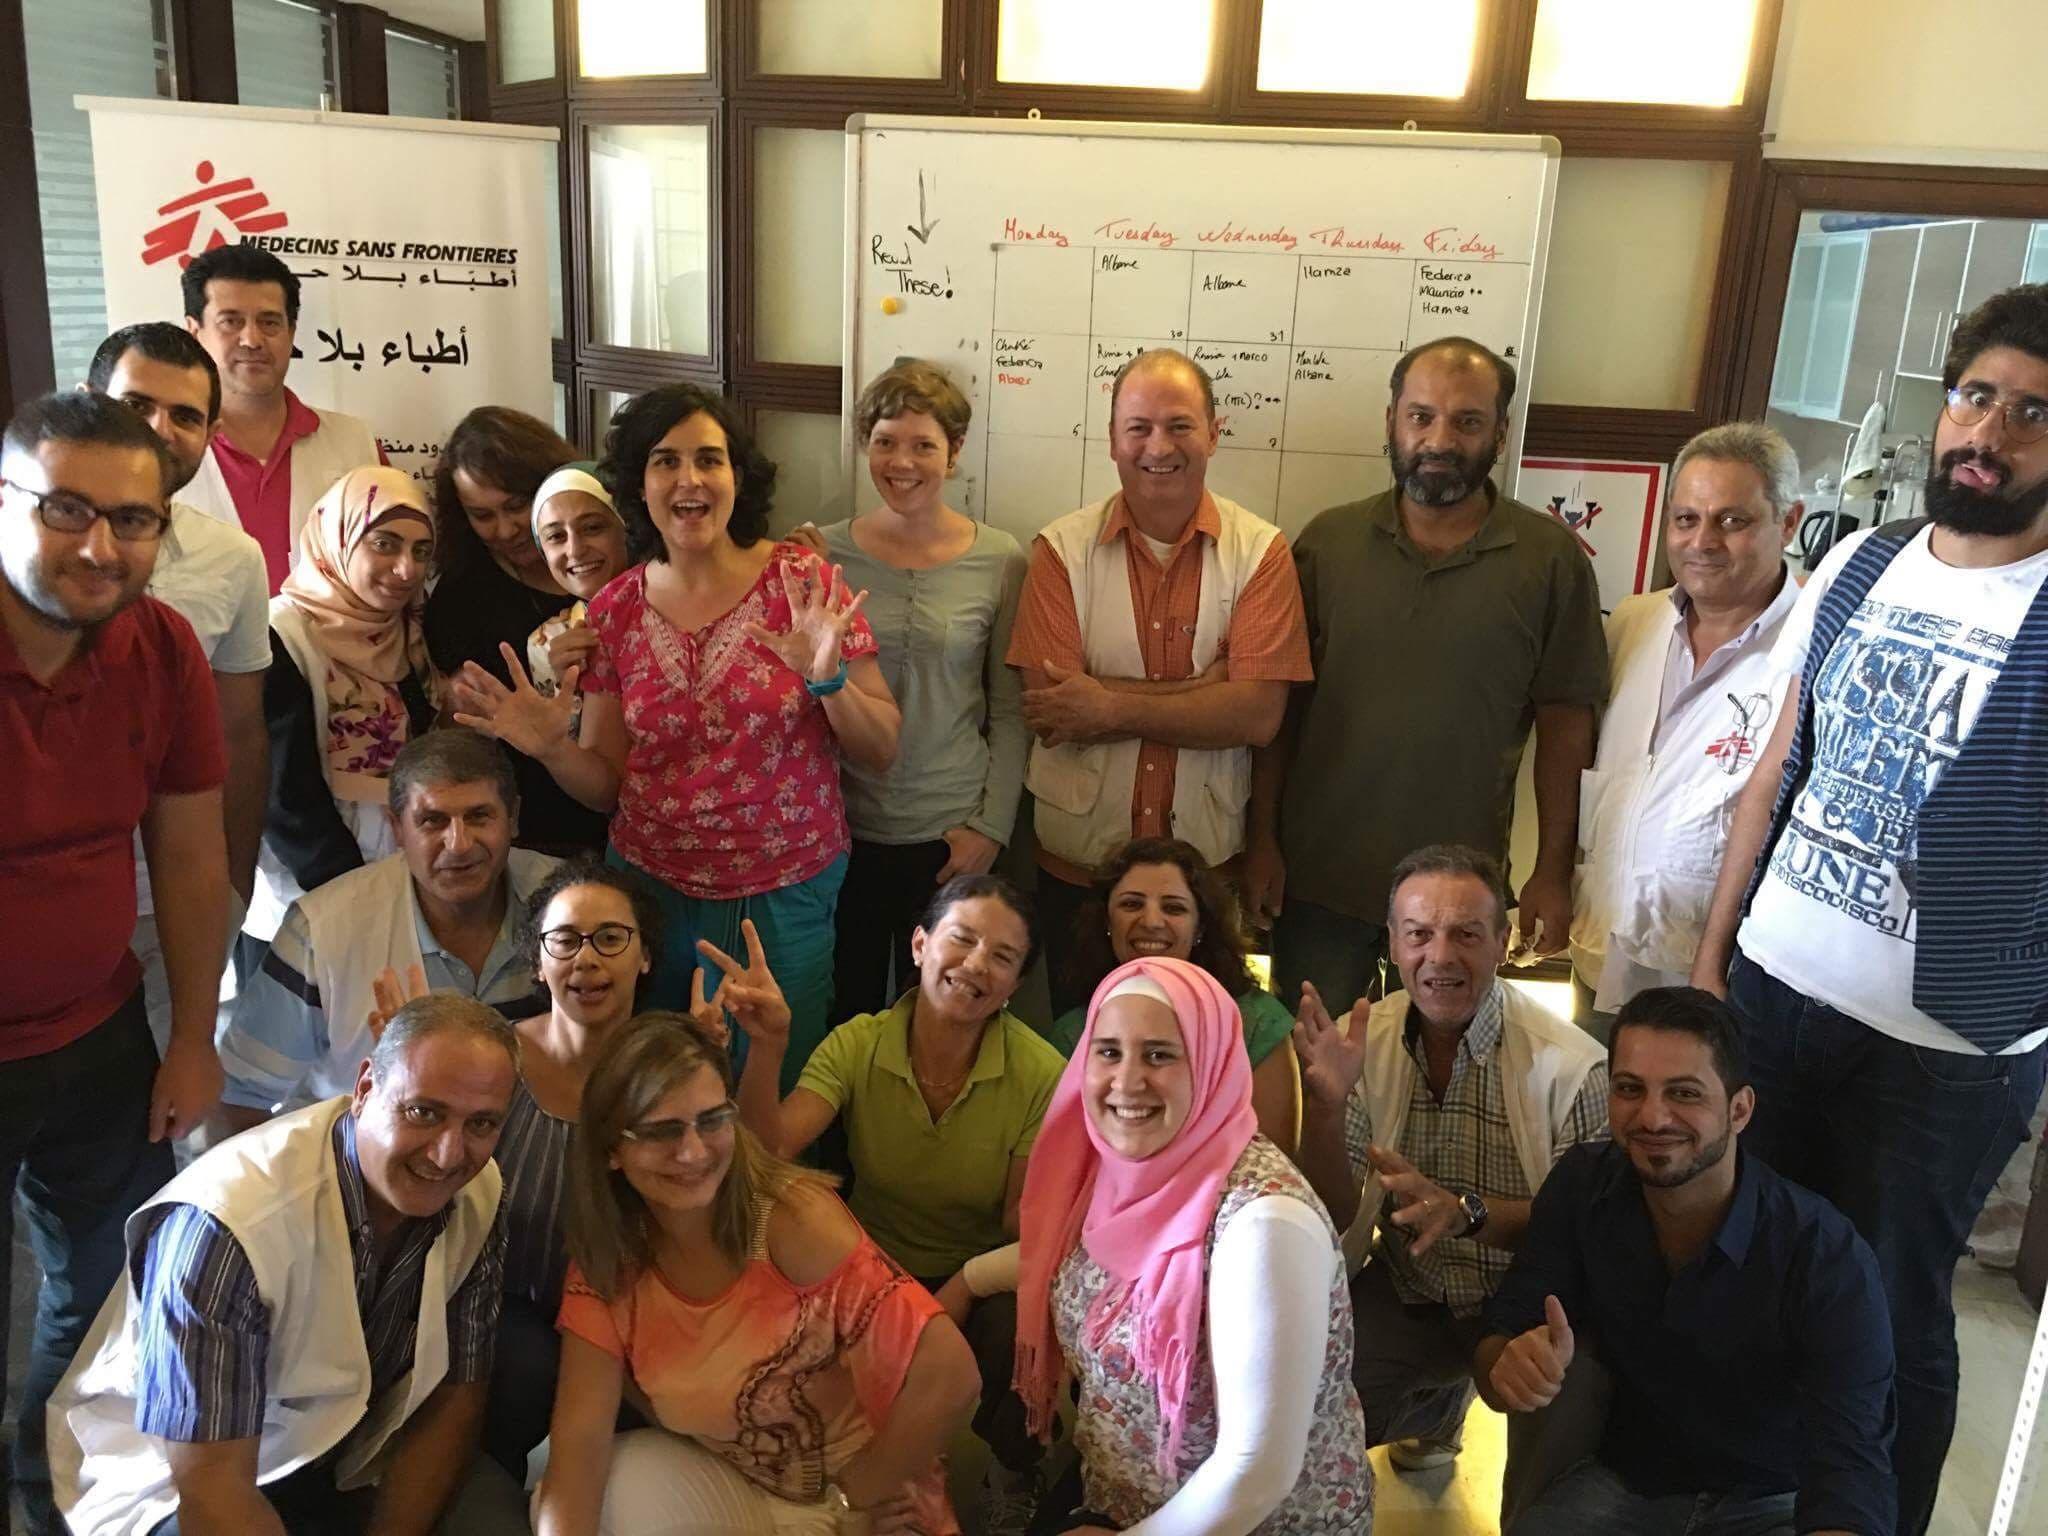 Mirjam Markwalder (Mitte, pinkes Shirt) mit ihrem Team